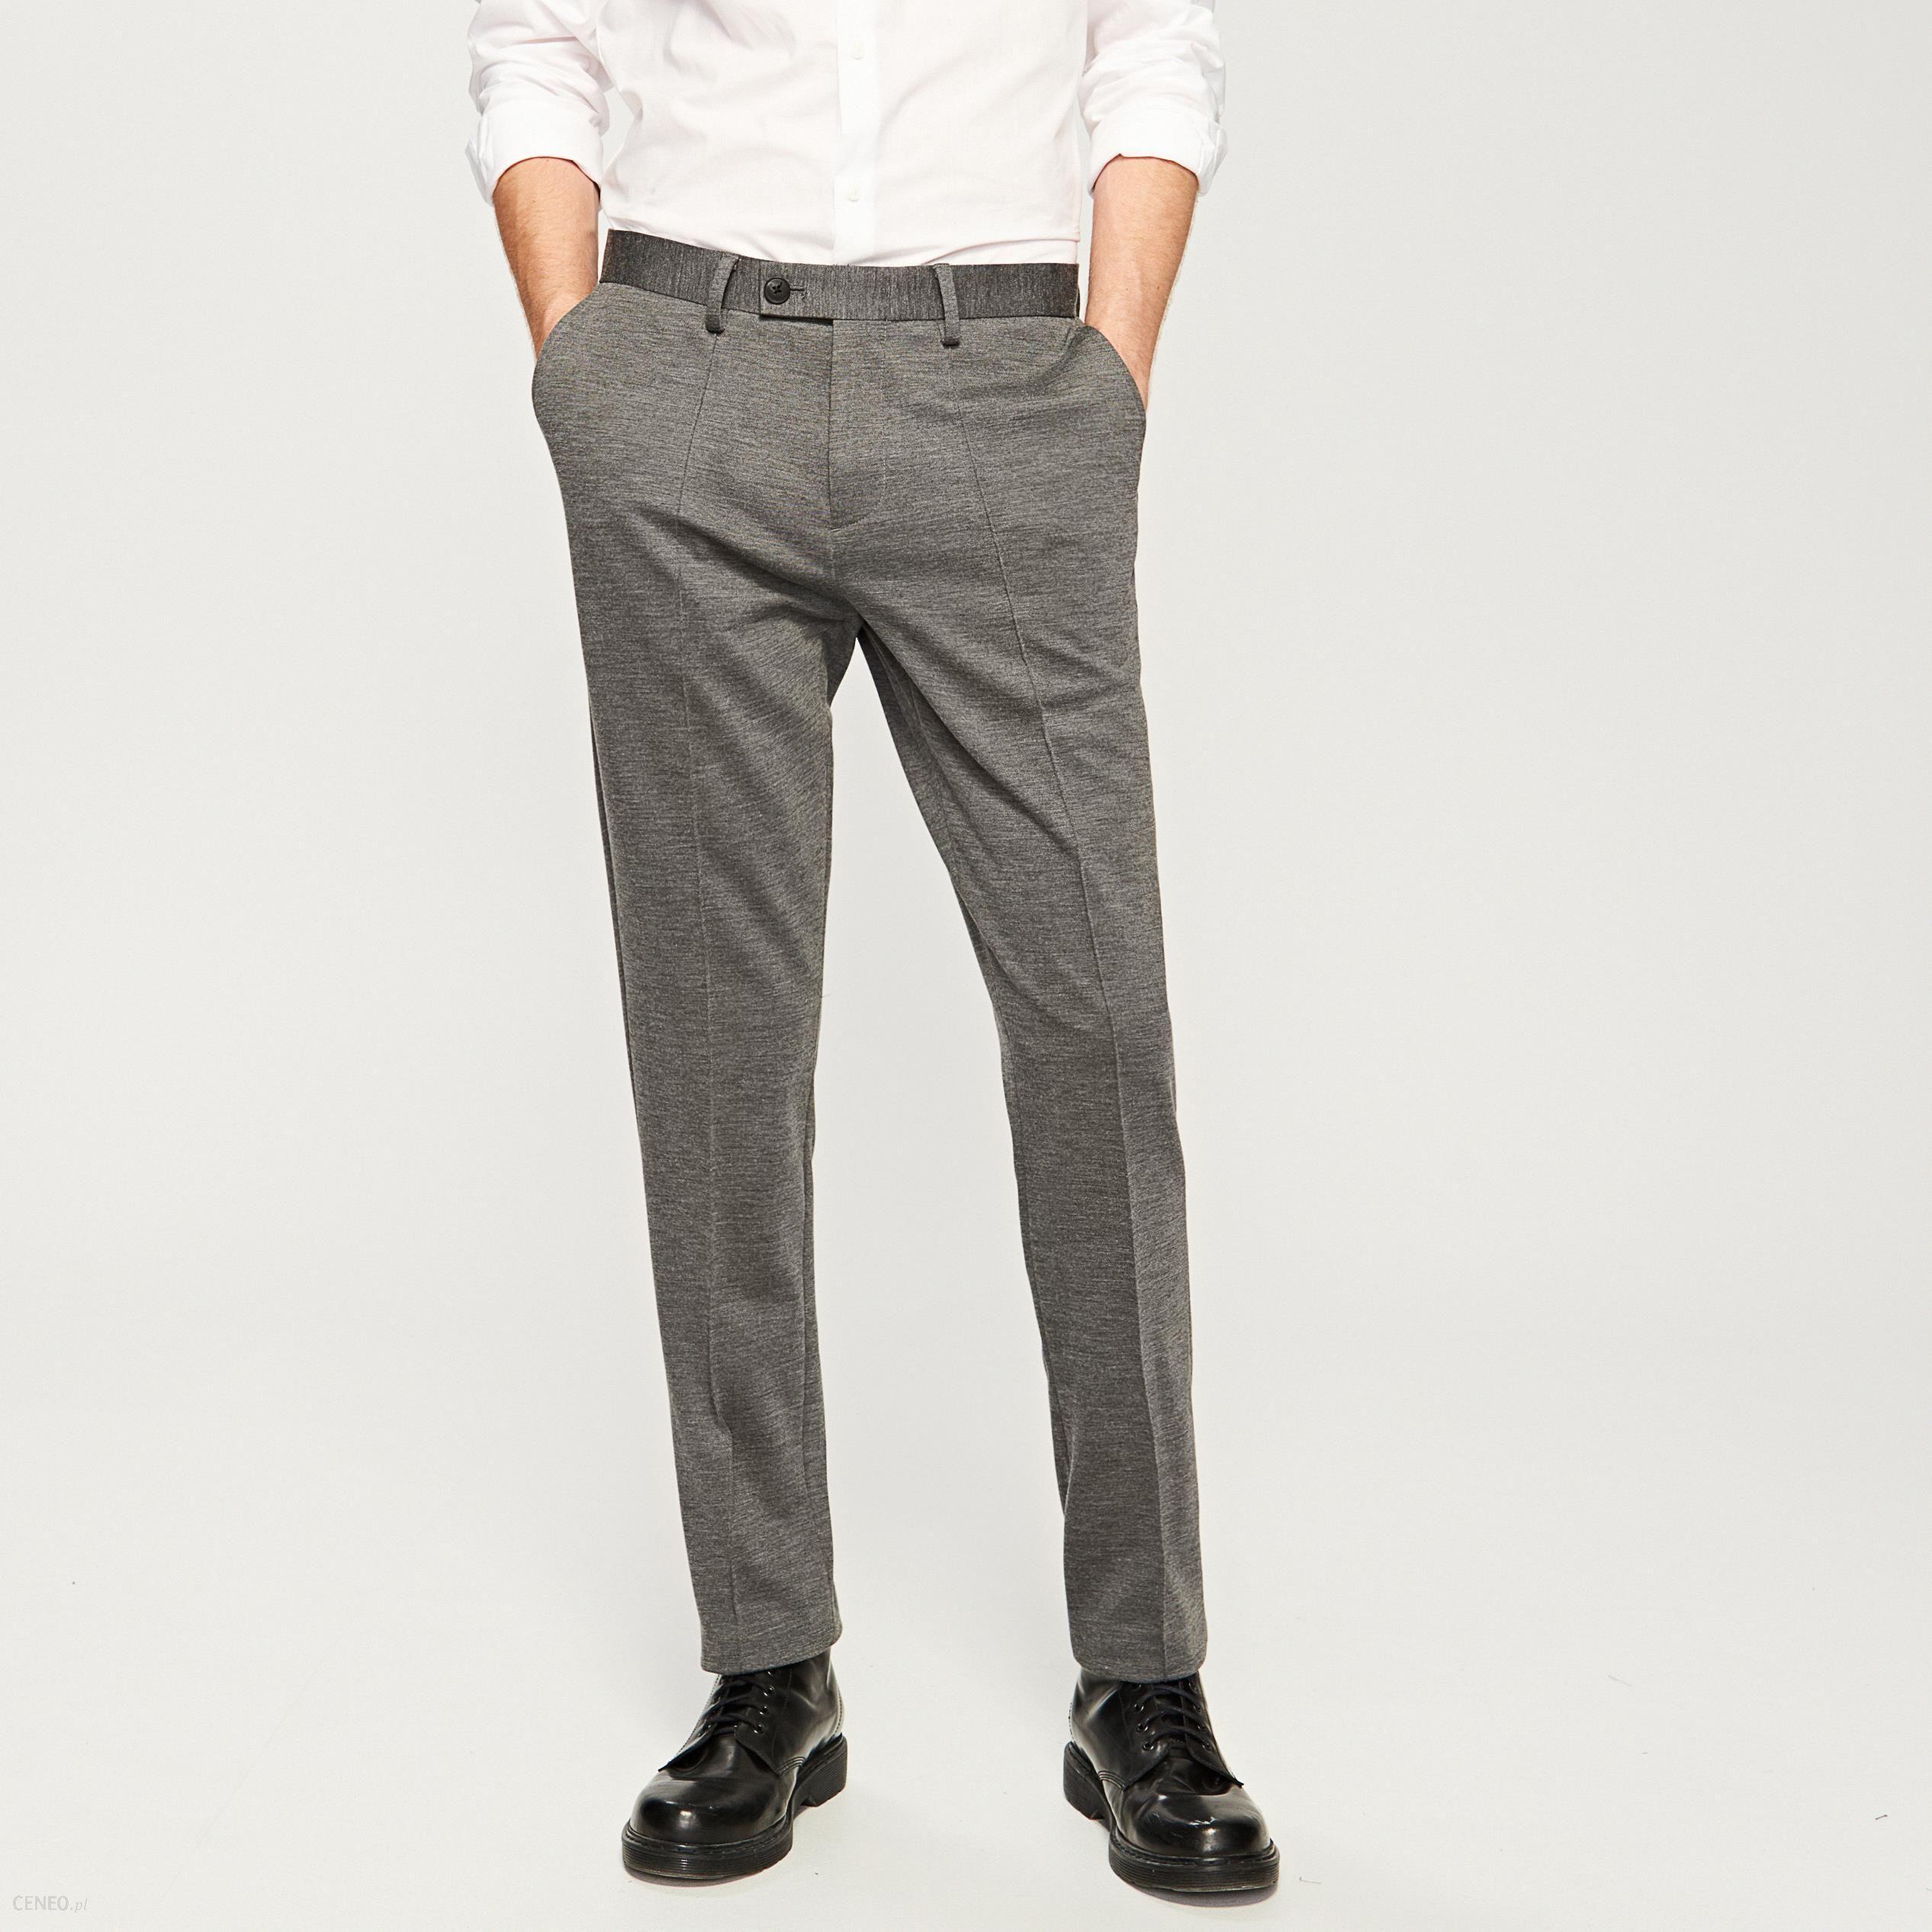 a5e5804a07b0b Reserved - Eleganckie spodnie - Szary - damski - Ceny i opinie ...